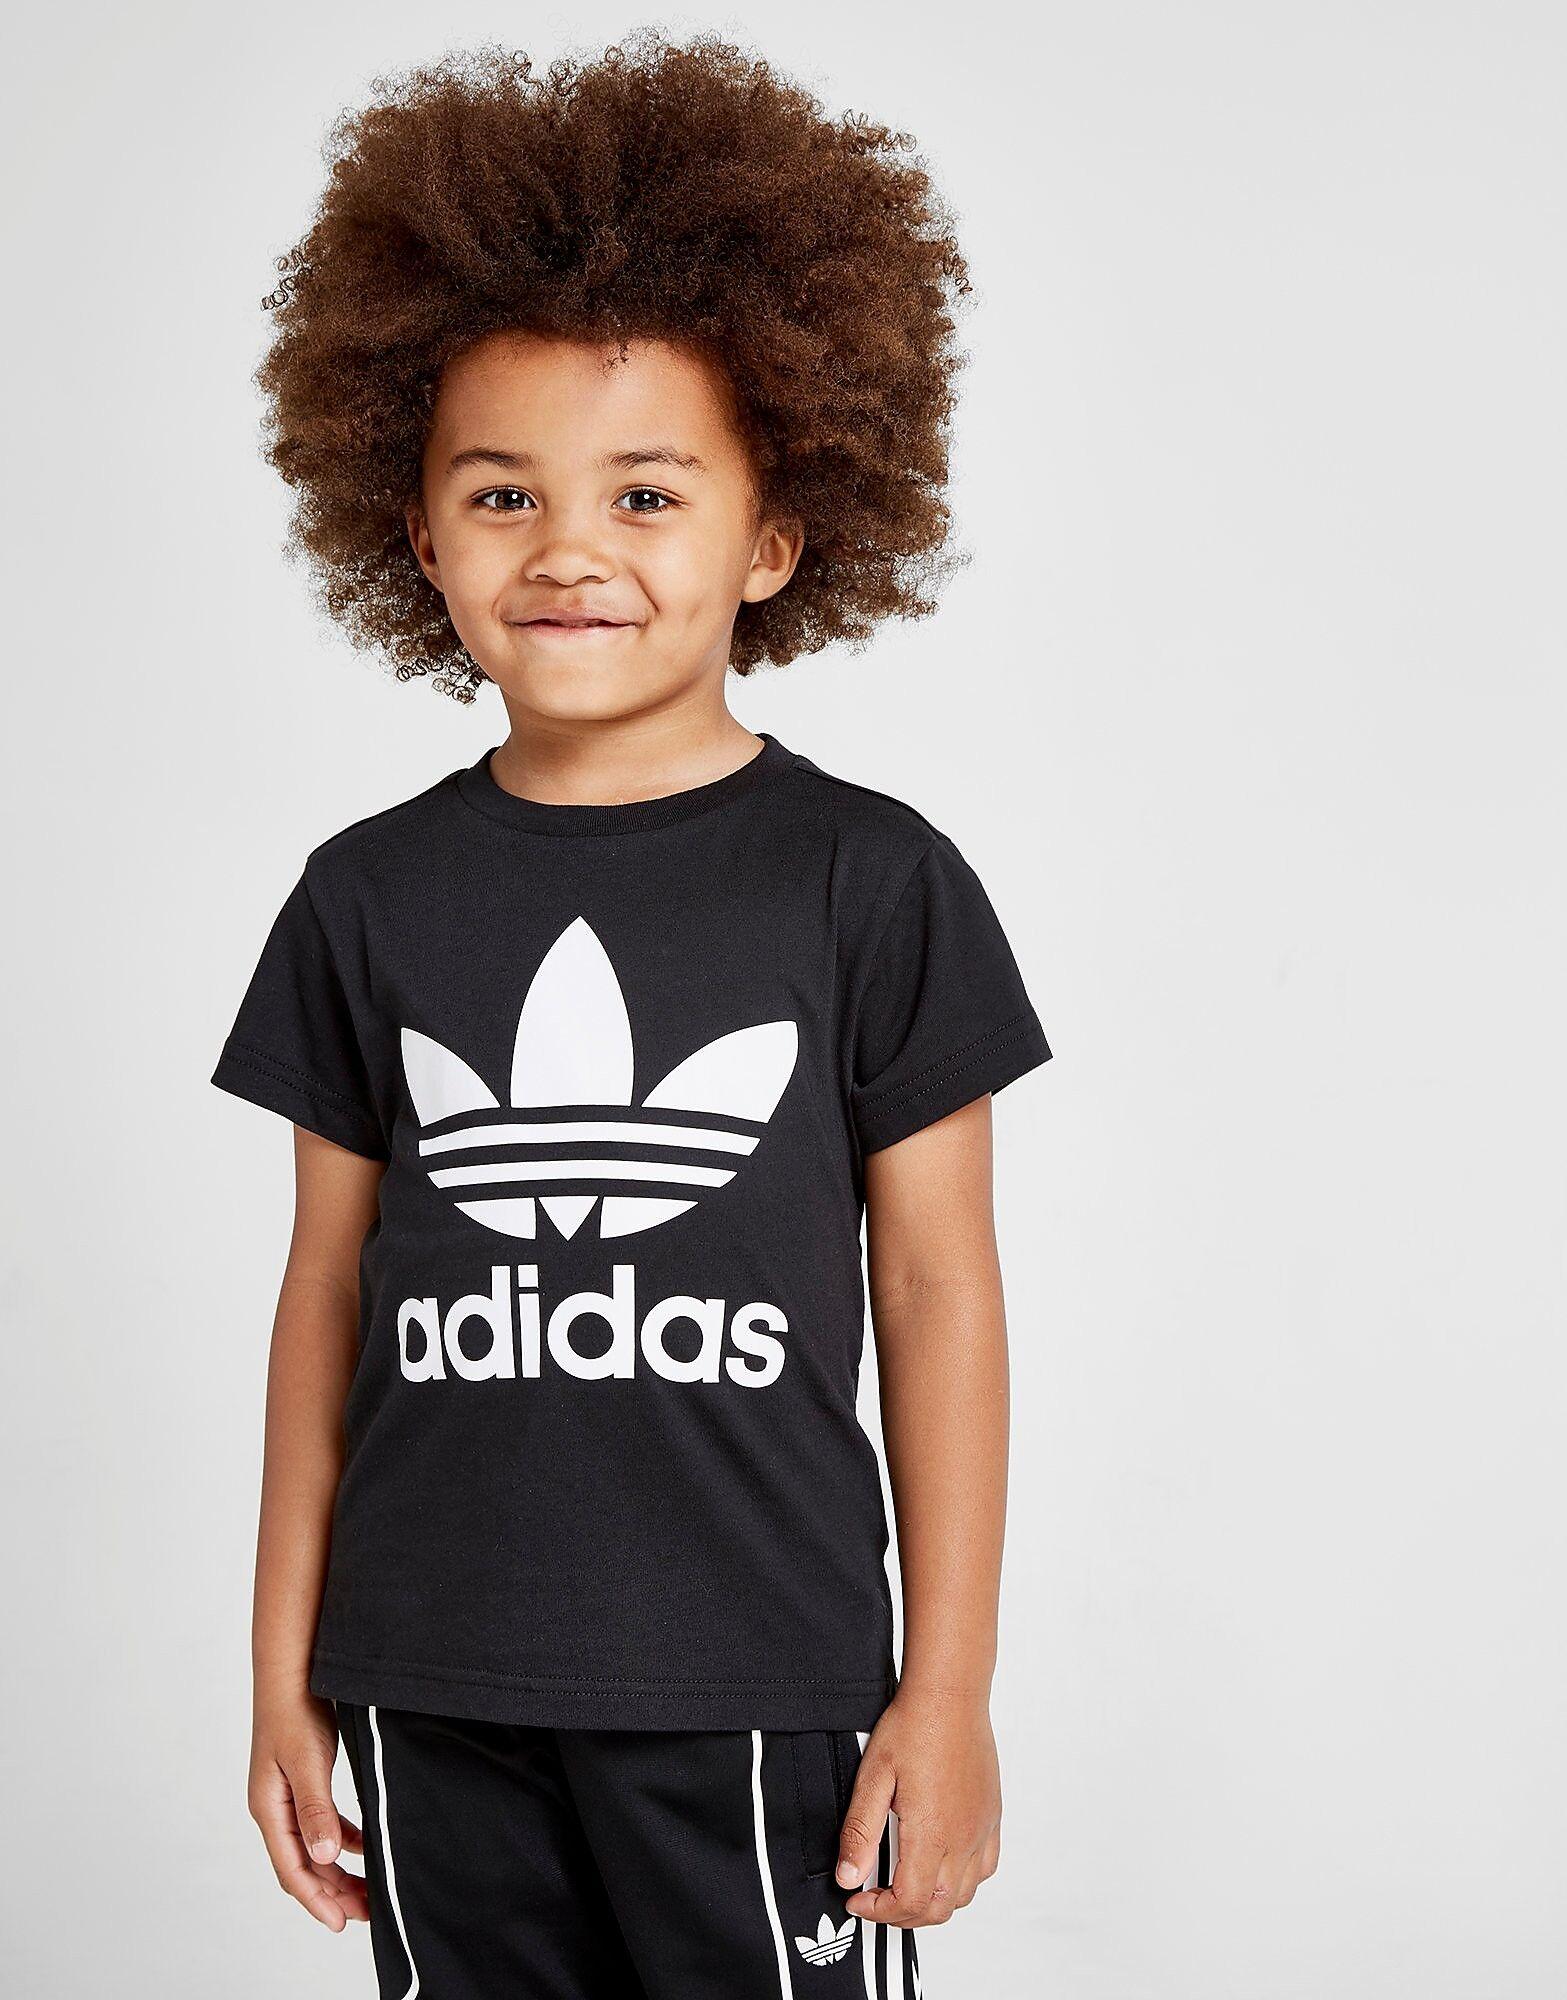 Image of Adidas Originals Trefoil T-Paita Lapset - Kids, Musta